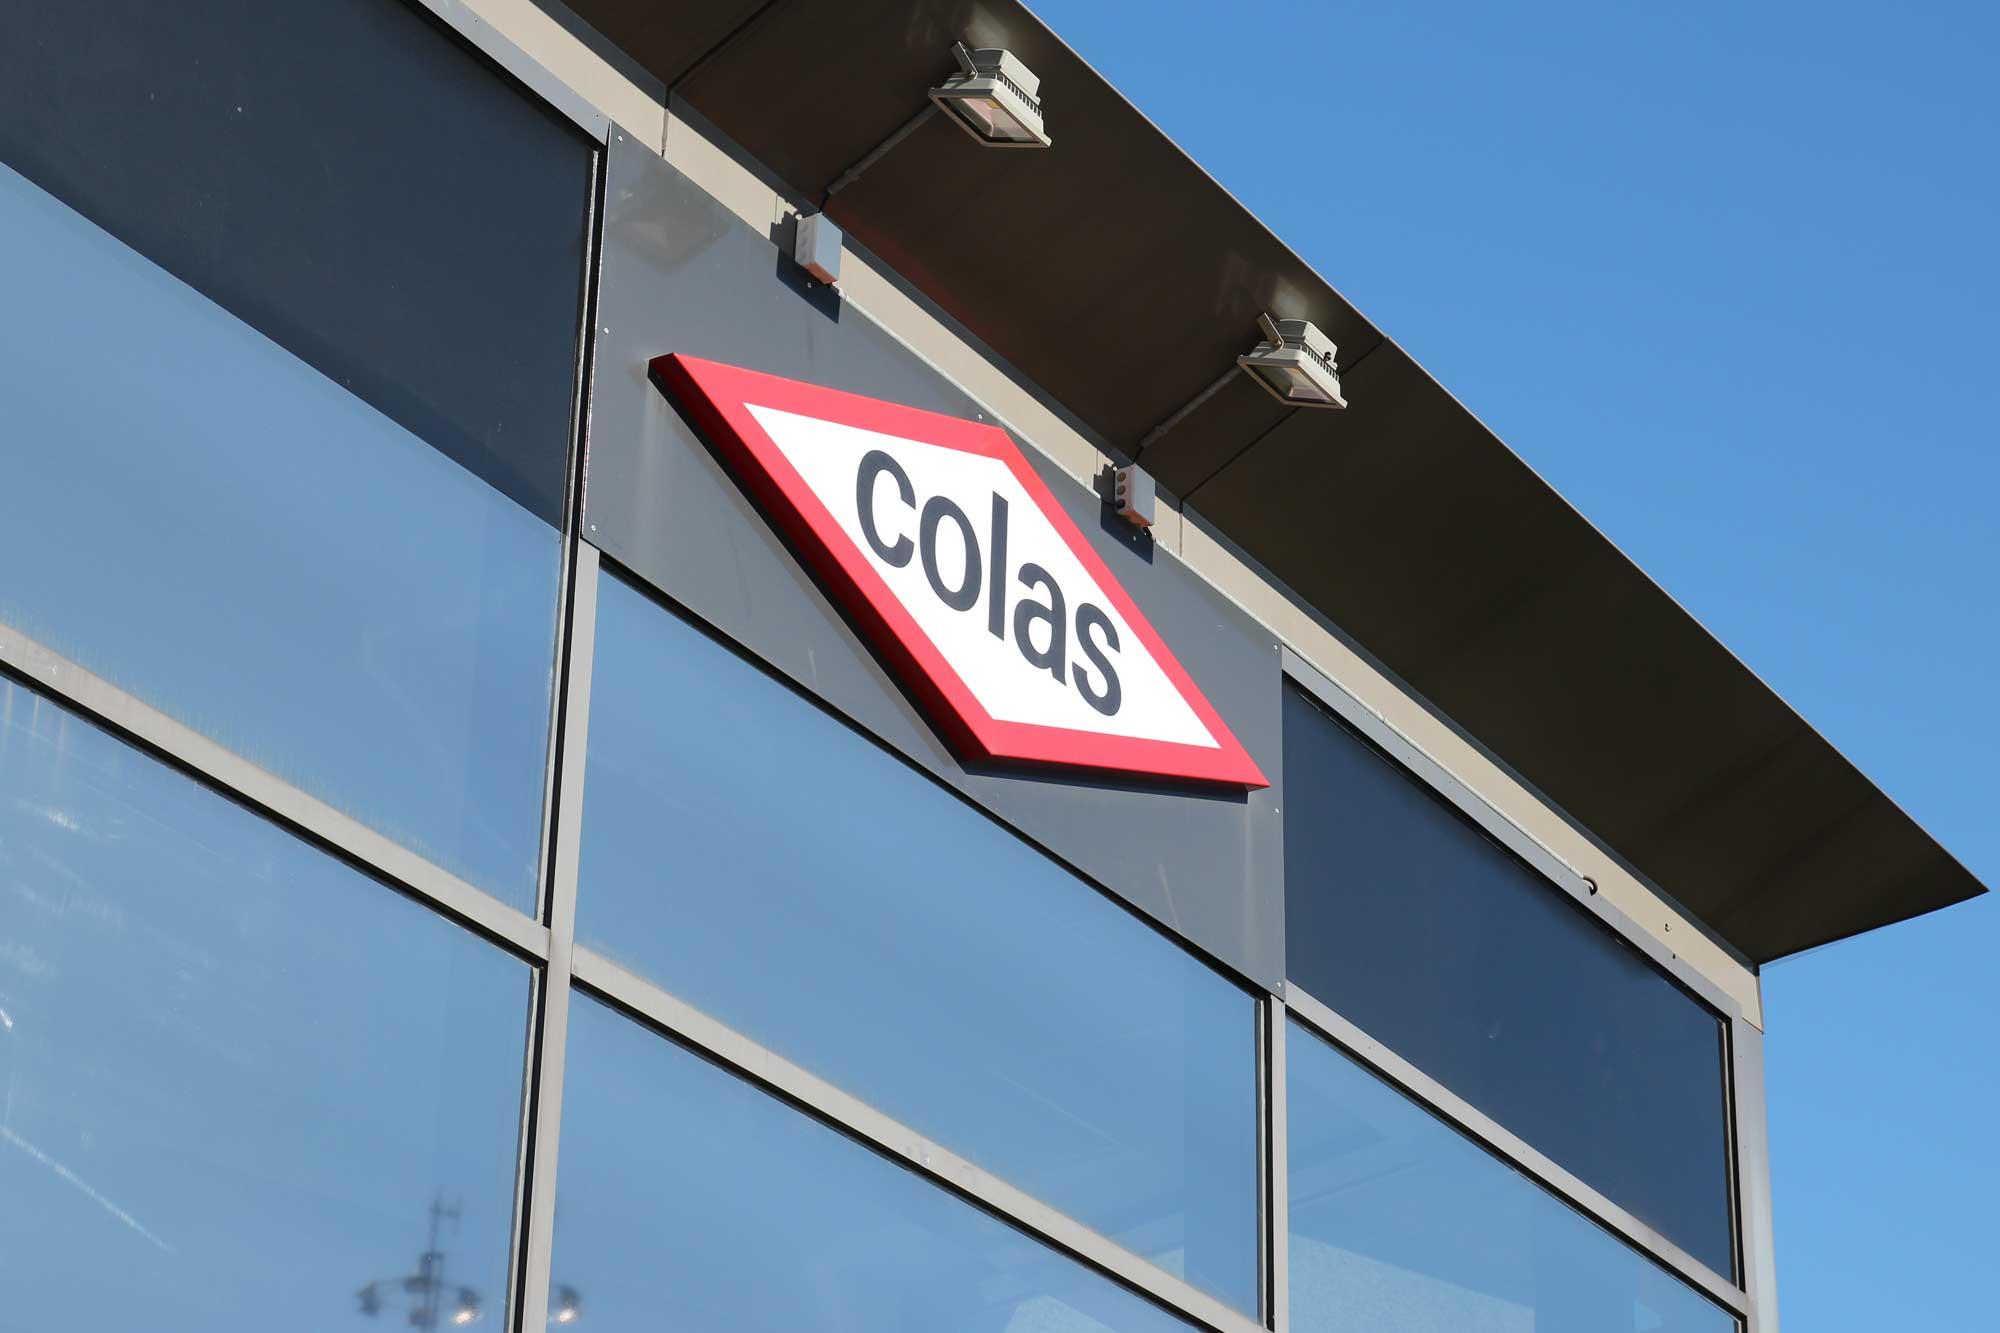 Colas-presse_header2